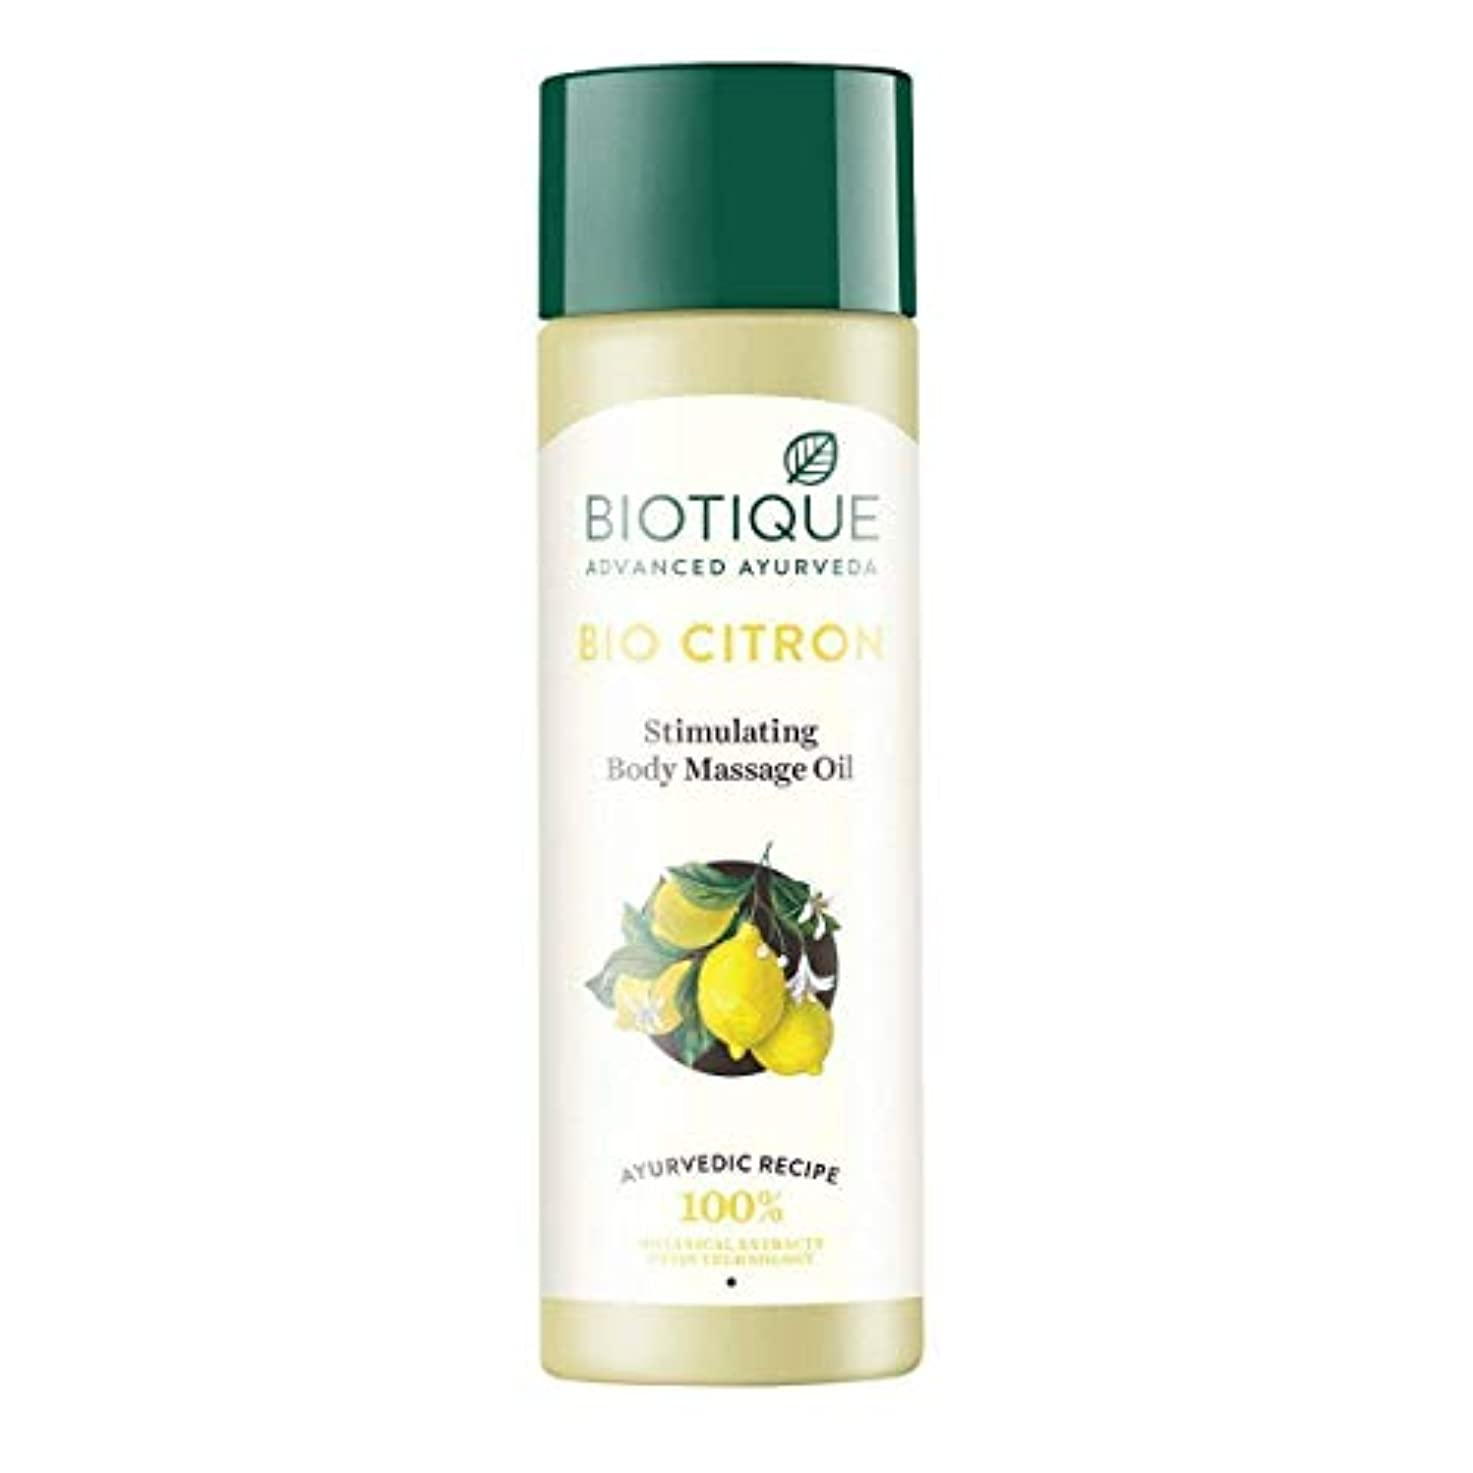 メール鬼ごっこ並外れてBiotique Bio Citron Stimulating Body Massage Oil, 200ml rich in vitamin Biotique バイオシトロン刺激ボディマッサージオイル、ビタミン